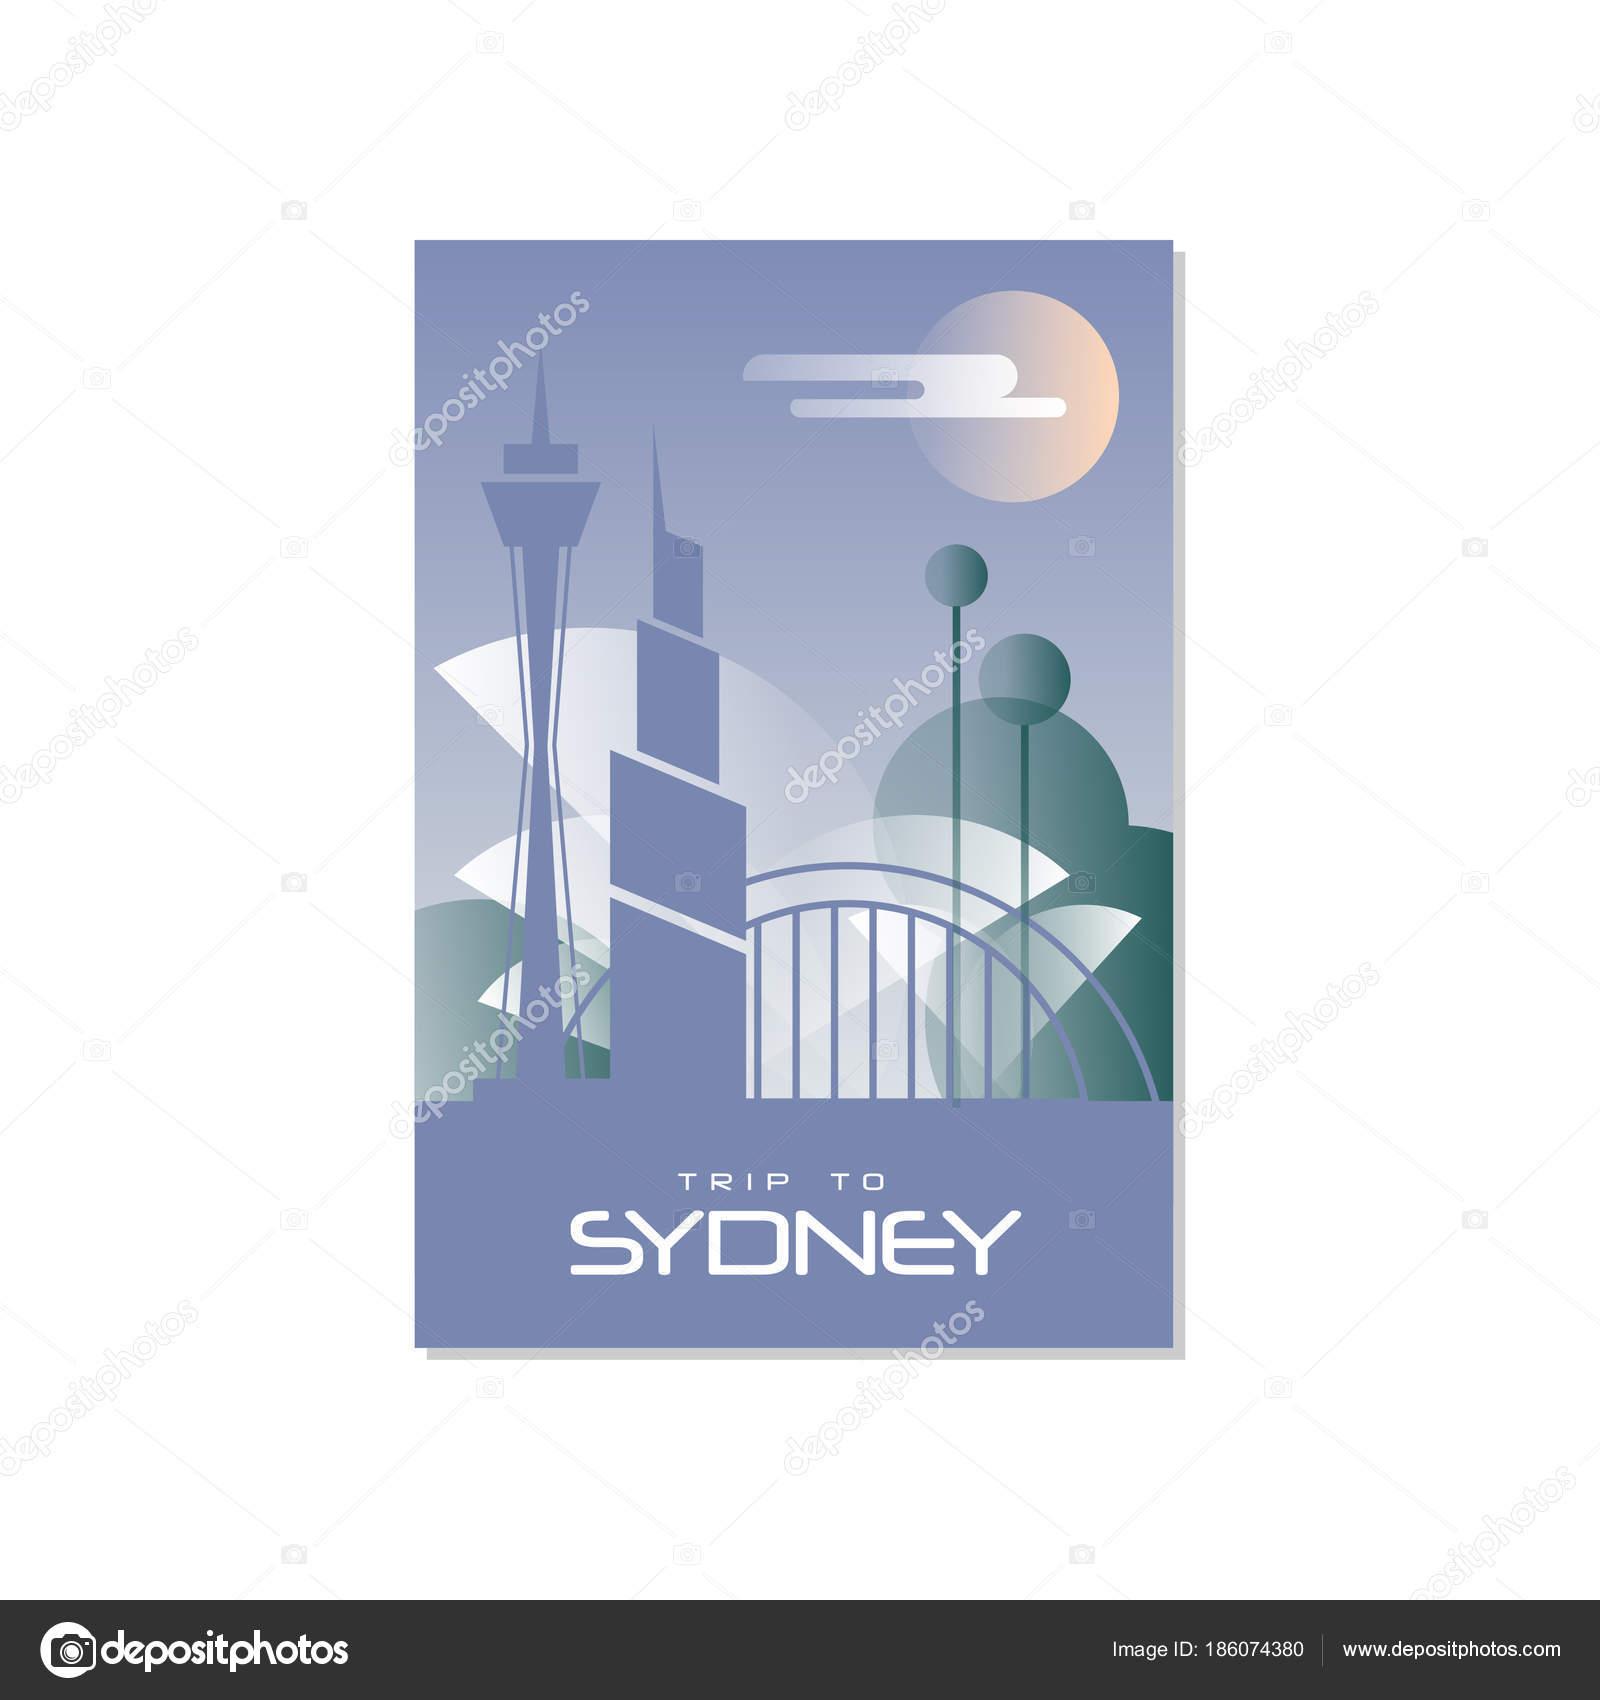 Reise nach Sydney, Reise-Plakat-Vorlage, touristische Grußkarte ...